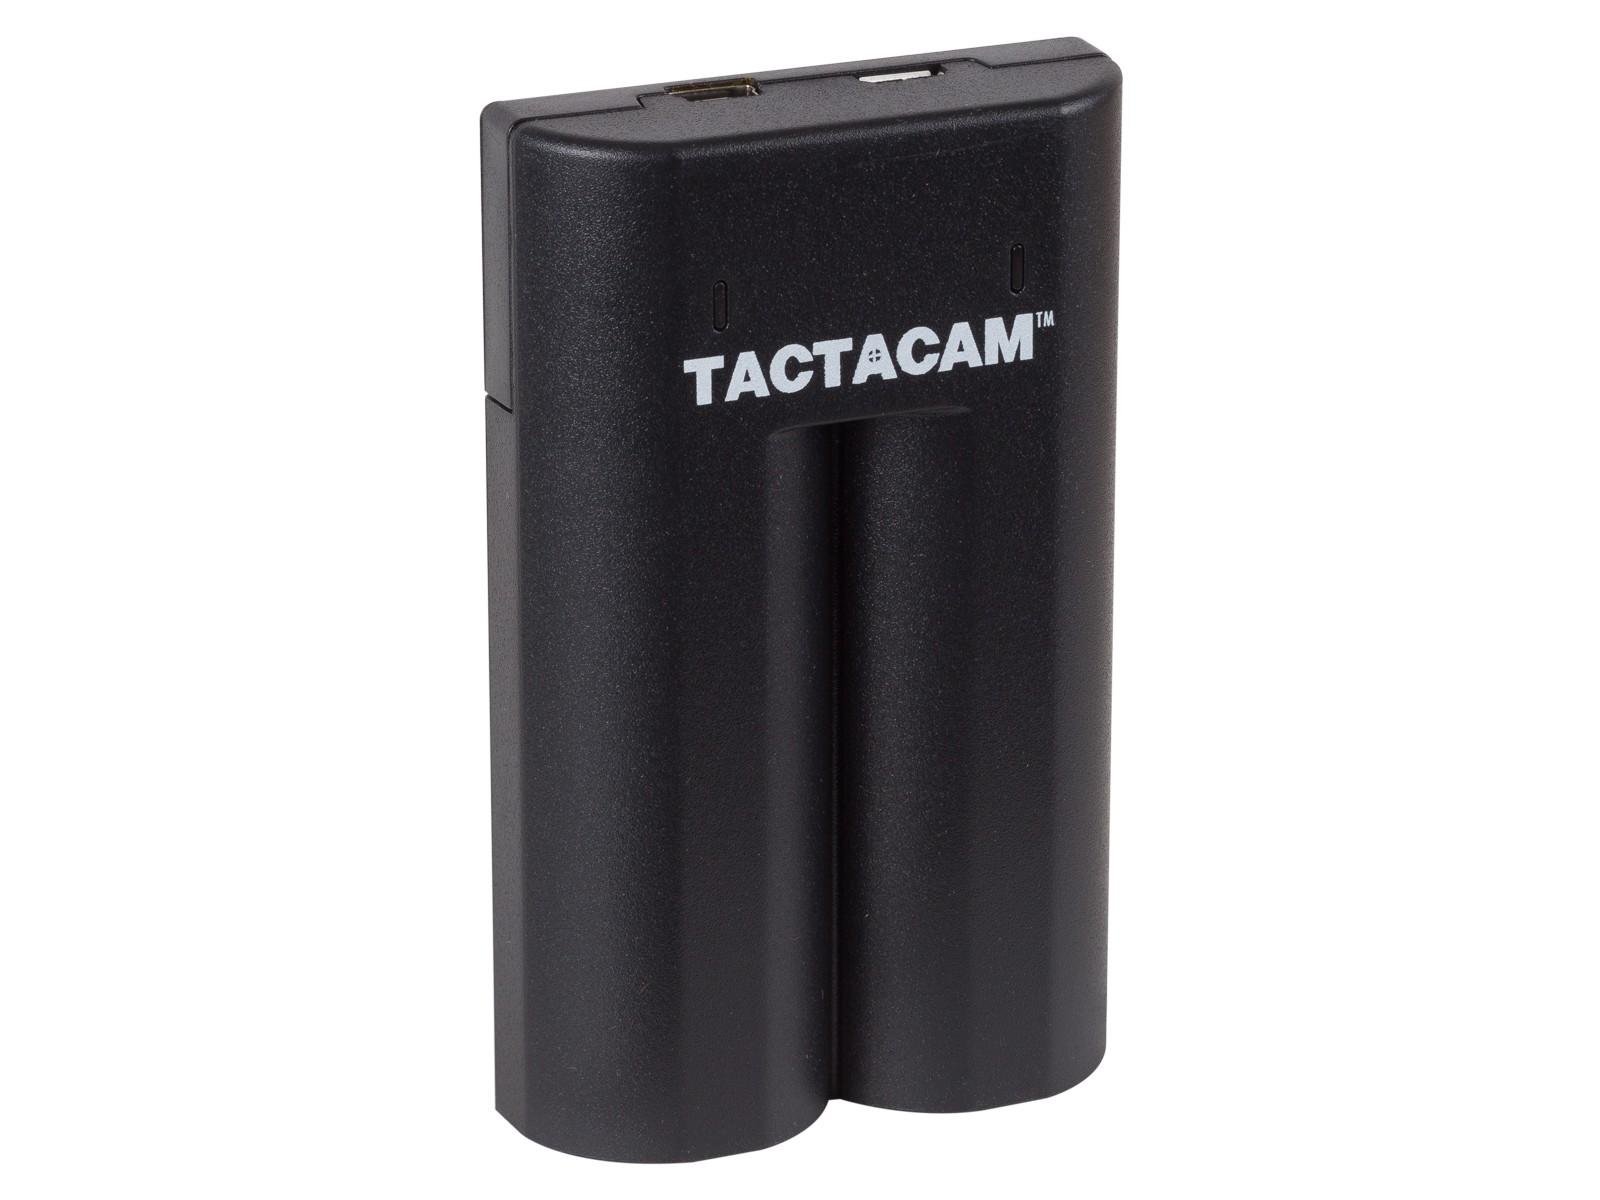 Tactacam External Battery Charger